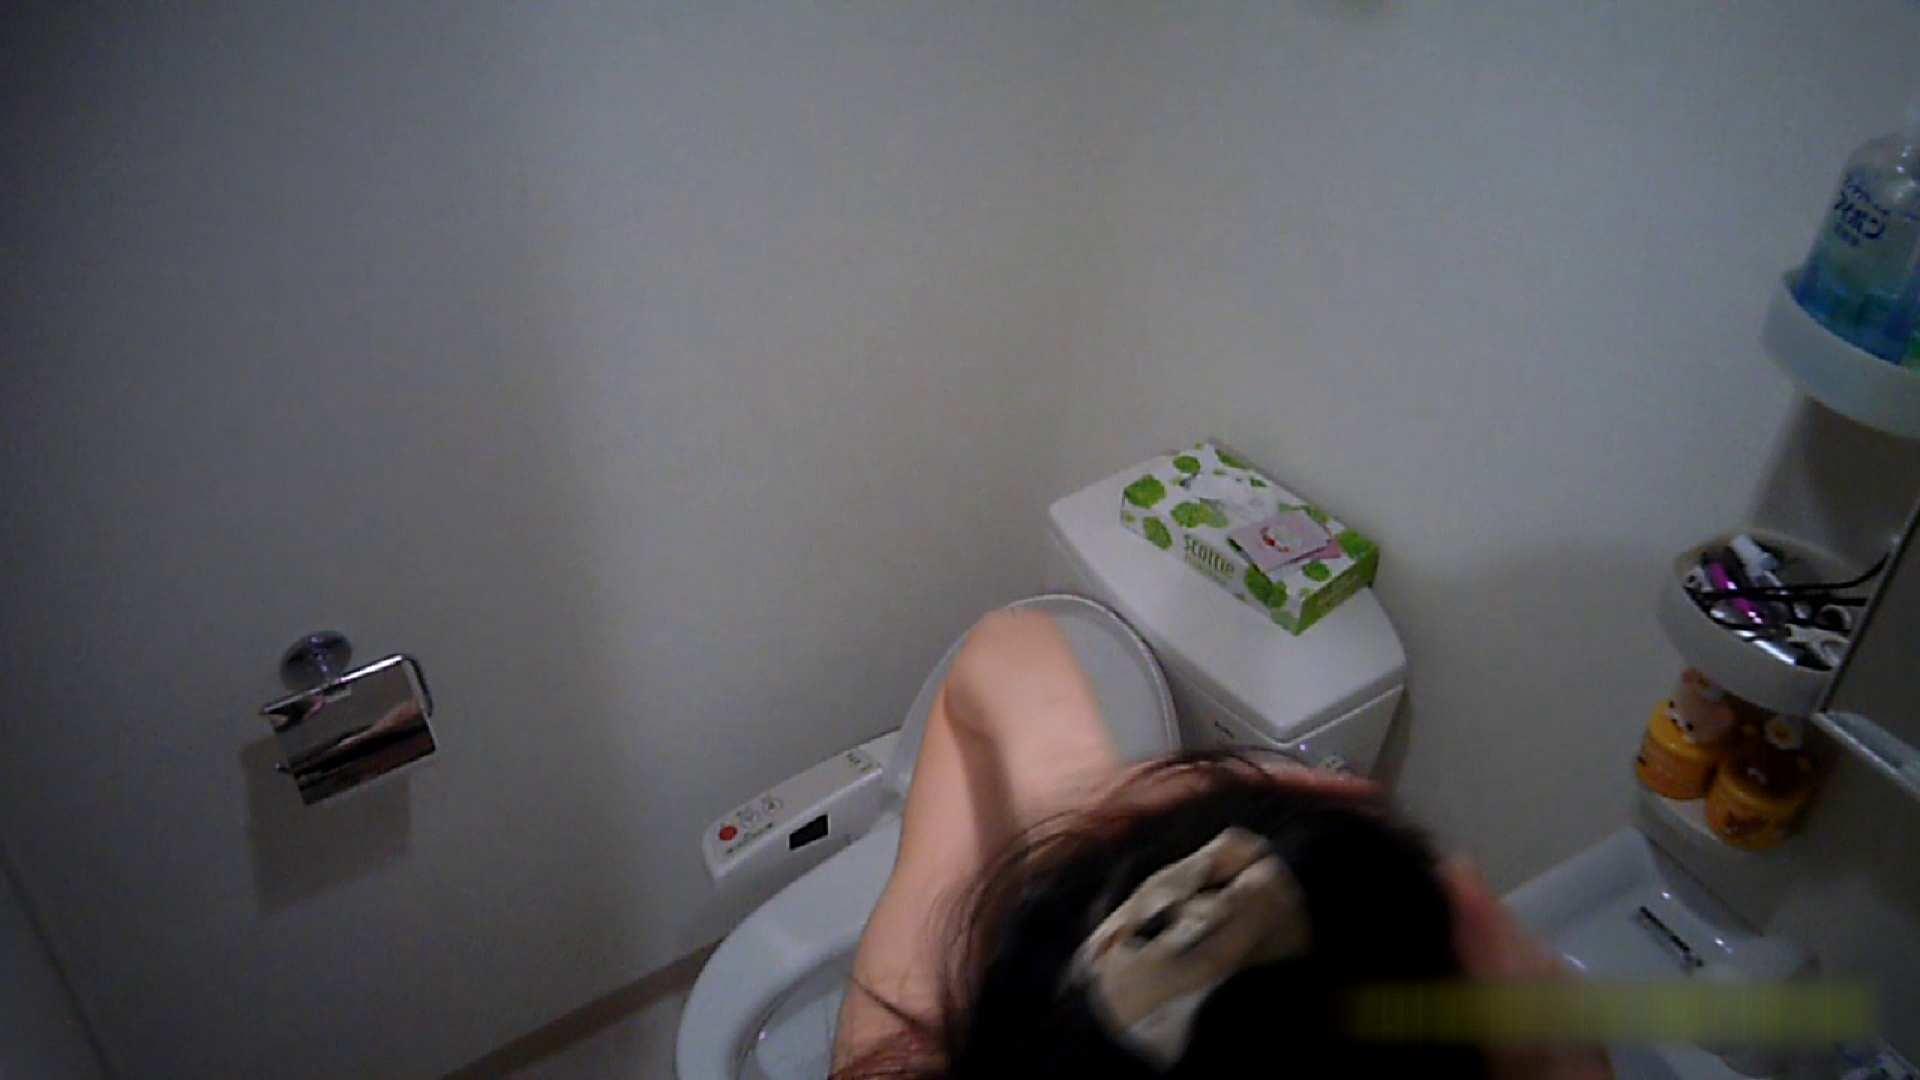 清楚な顔してかなり敏感なE子25歳(仮名)Vol.05 裸でトイレ編 シャワー室 エロ画像 90枚 40